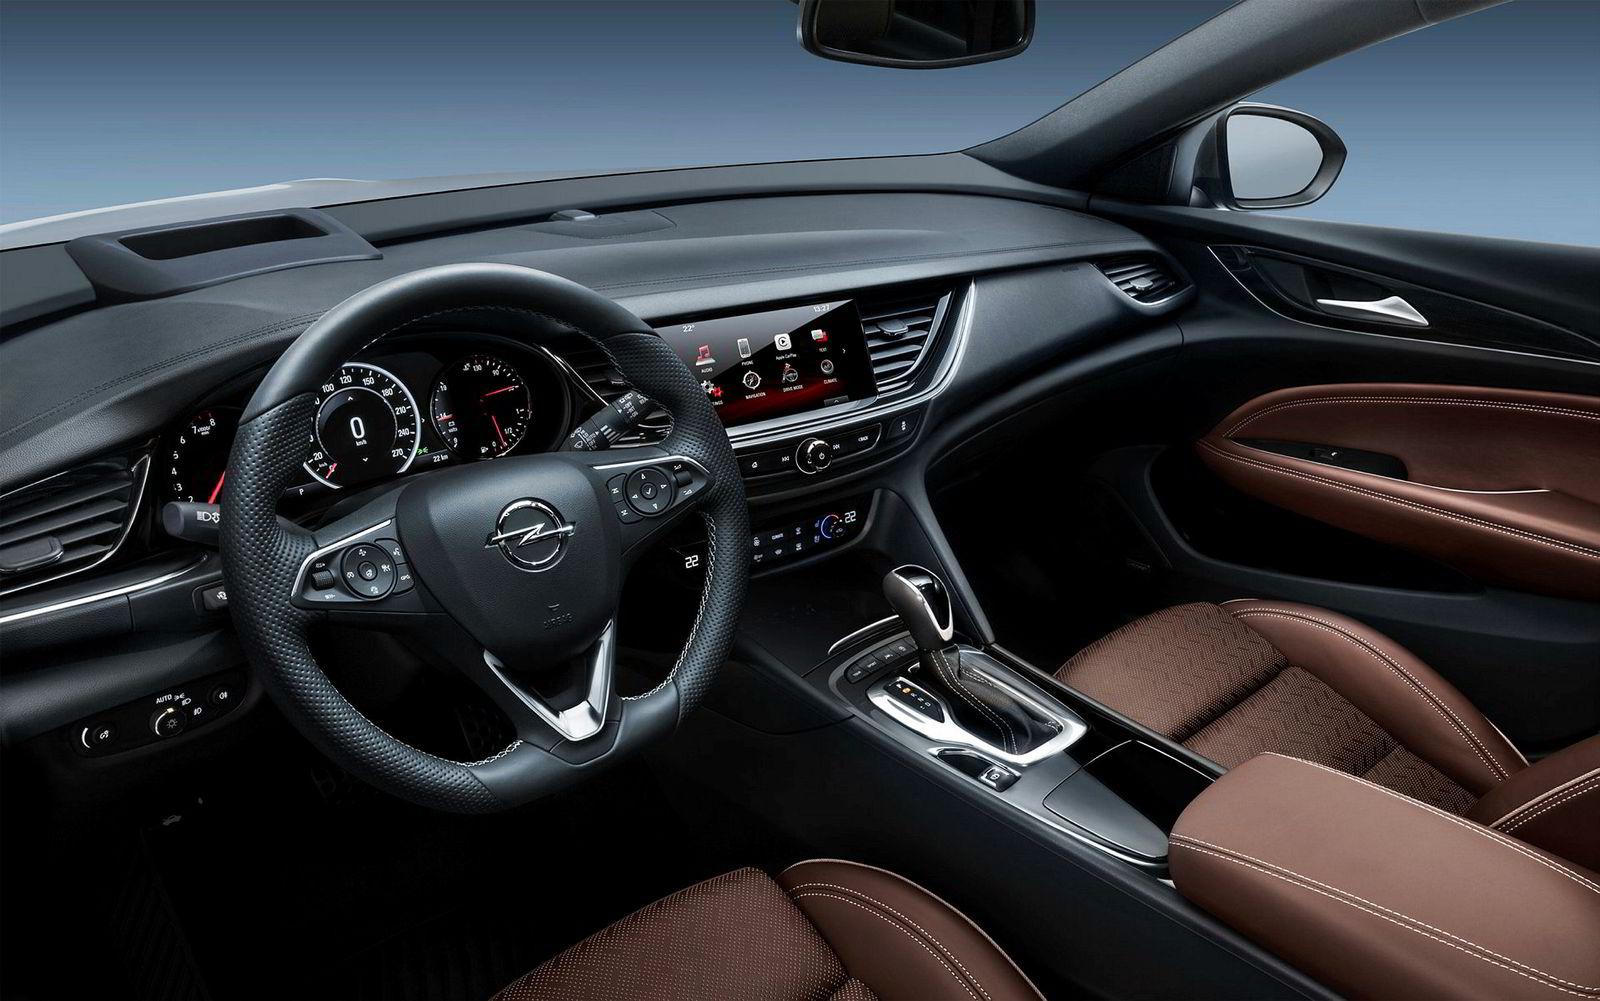 Bilen kommer i en velutstyrt versjon, men med valget mellom en diesel- og en bensinmotor.